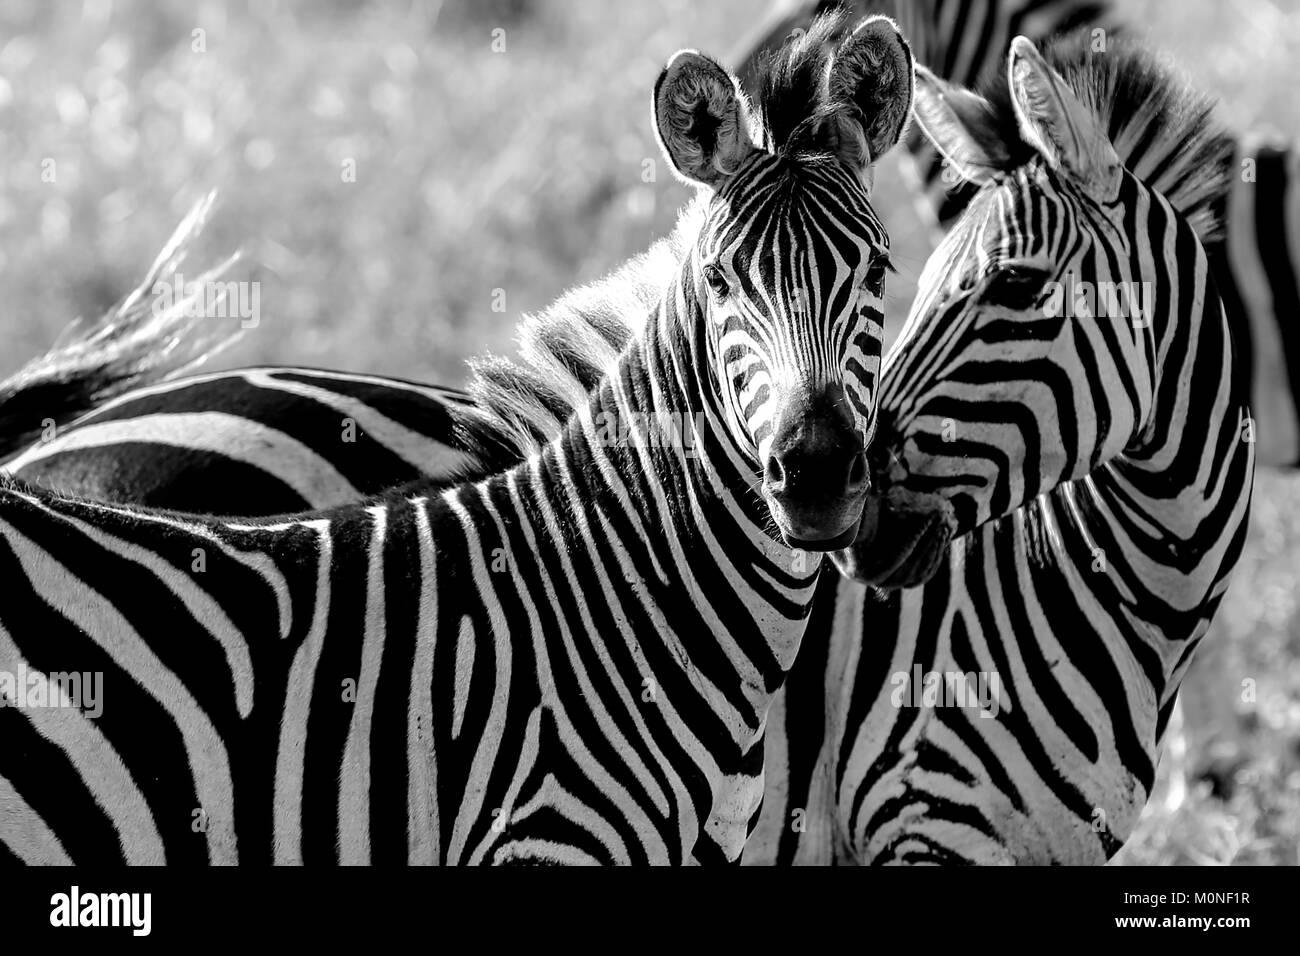 Due Zebra toccando nasi con altri zebra dietro contro la prateria sfondo in bianco e nero Immagini Stock